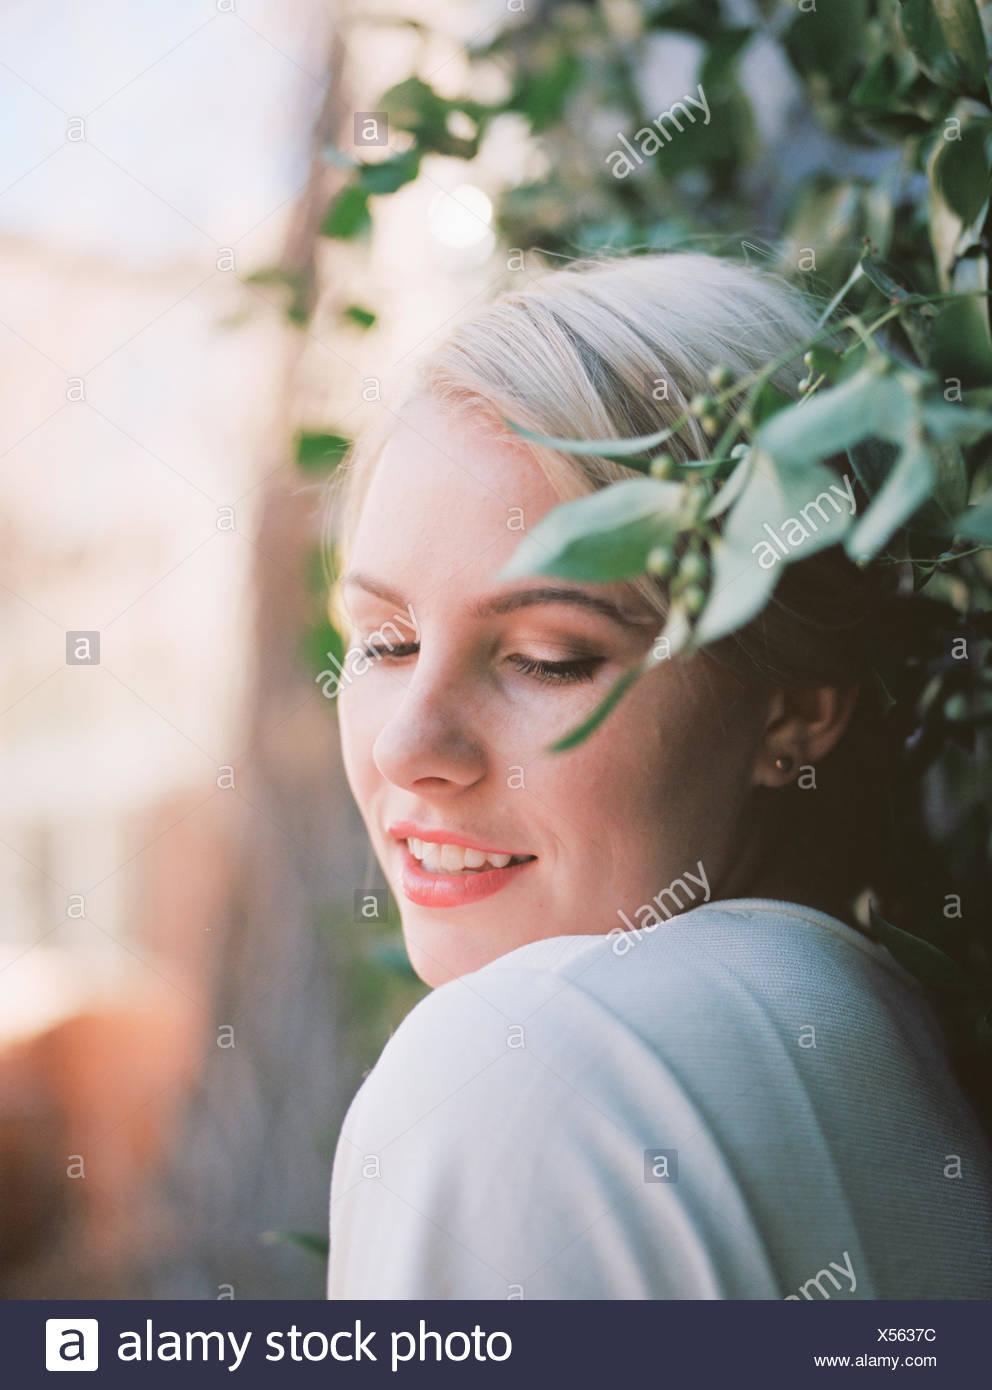 Une jolie femme avec un demi-sourire, appuyé contre un mur d'une vigne. Photo Stock